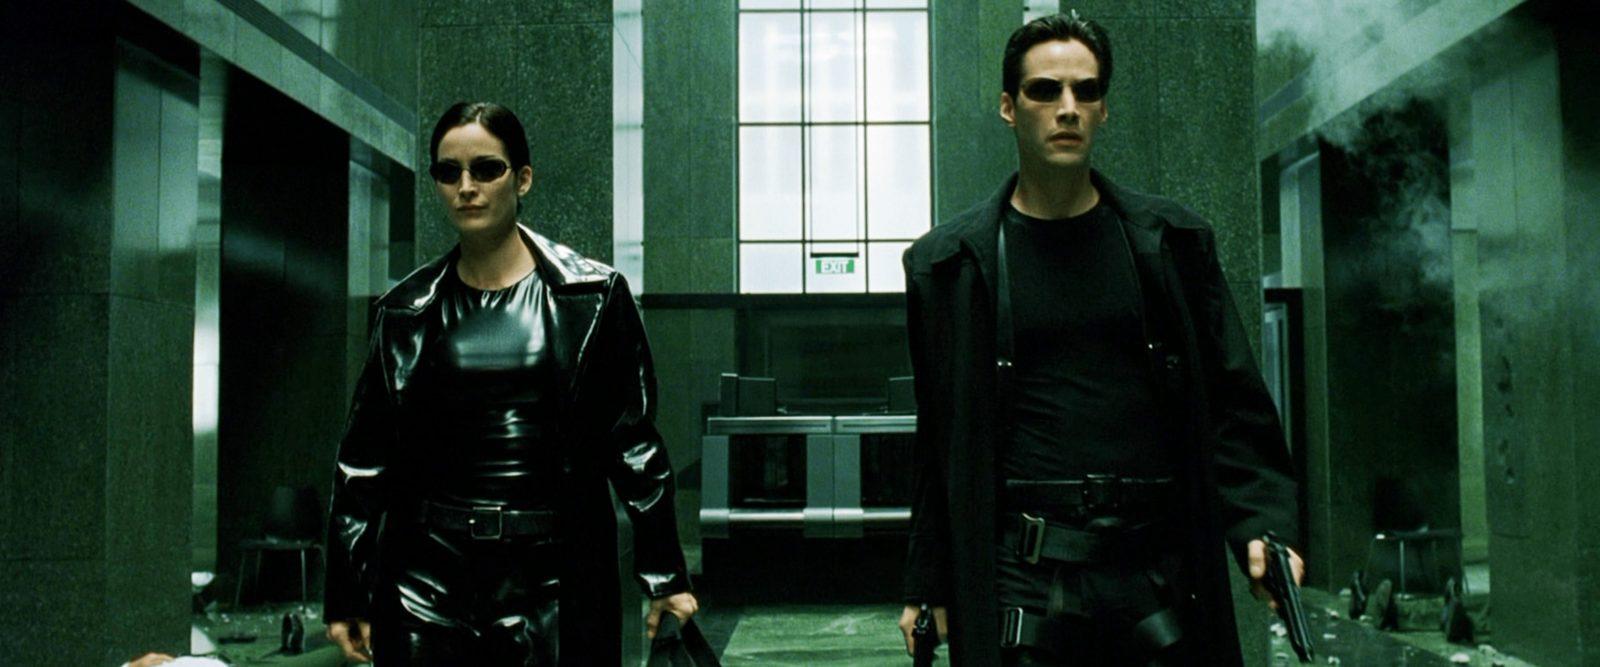 «Матрица 4» получила официальное название